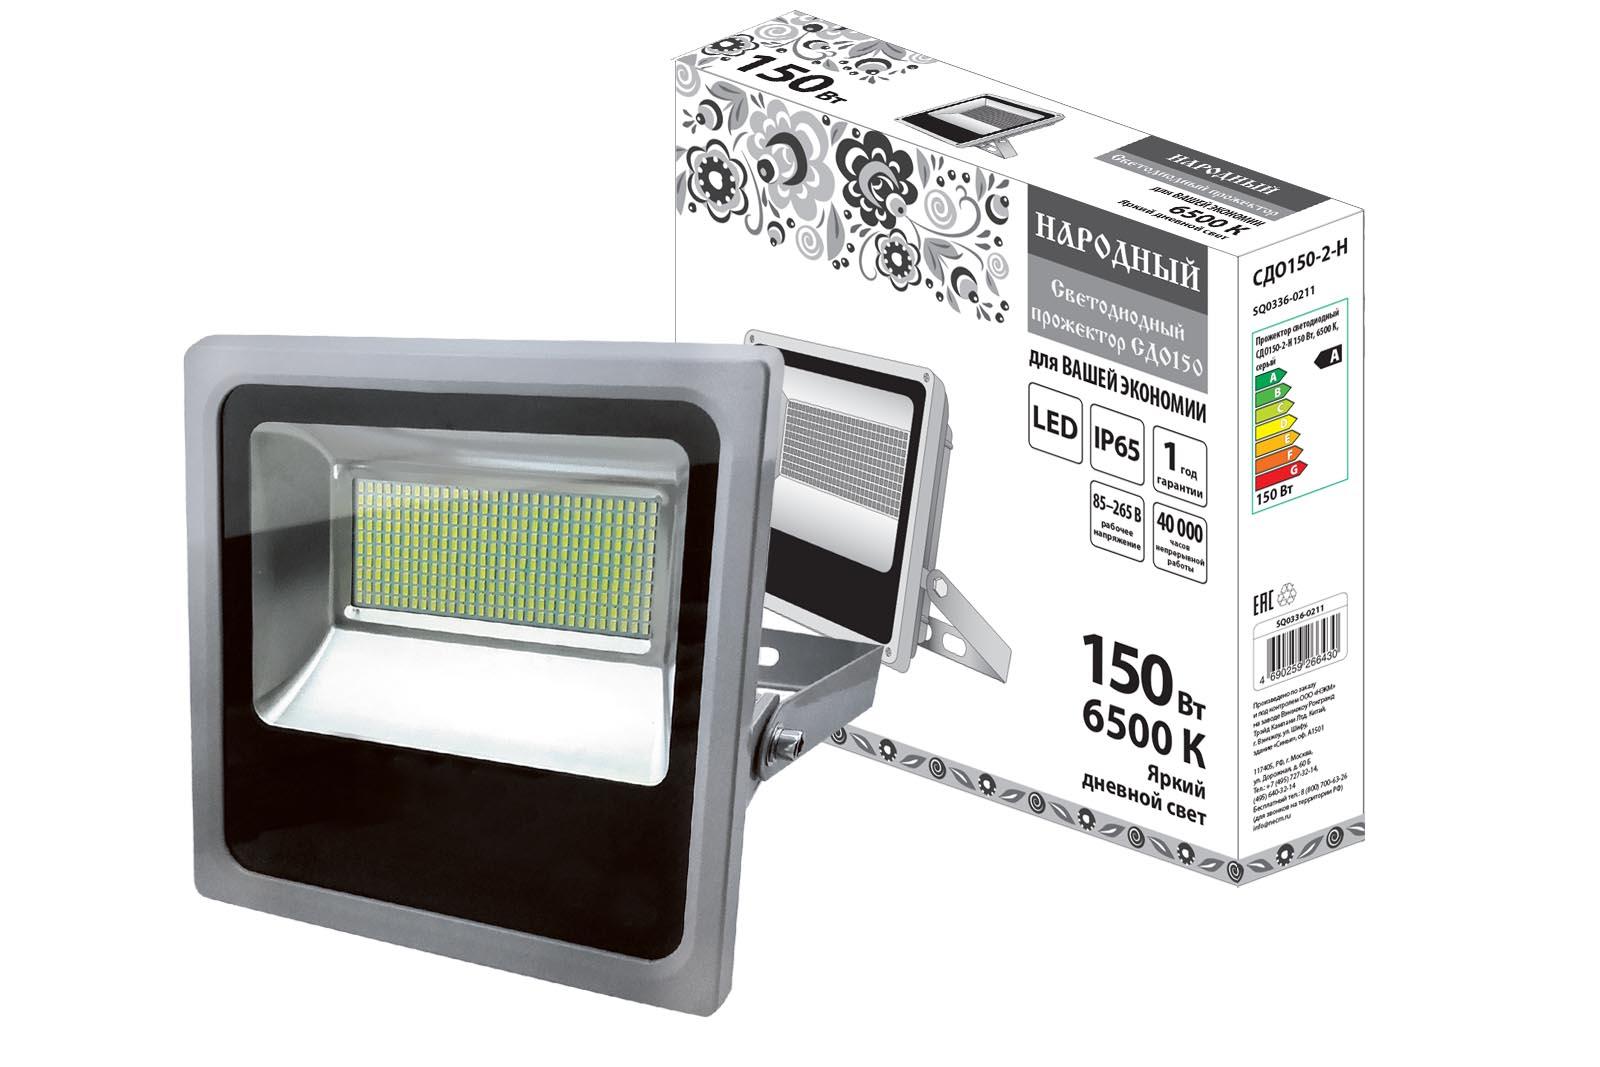 Фото Прожектор светодиодный СДО150-2-Н 150 Вт, 6500 К, серый {SQ0336-0211}